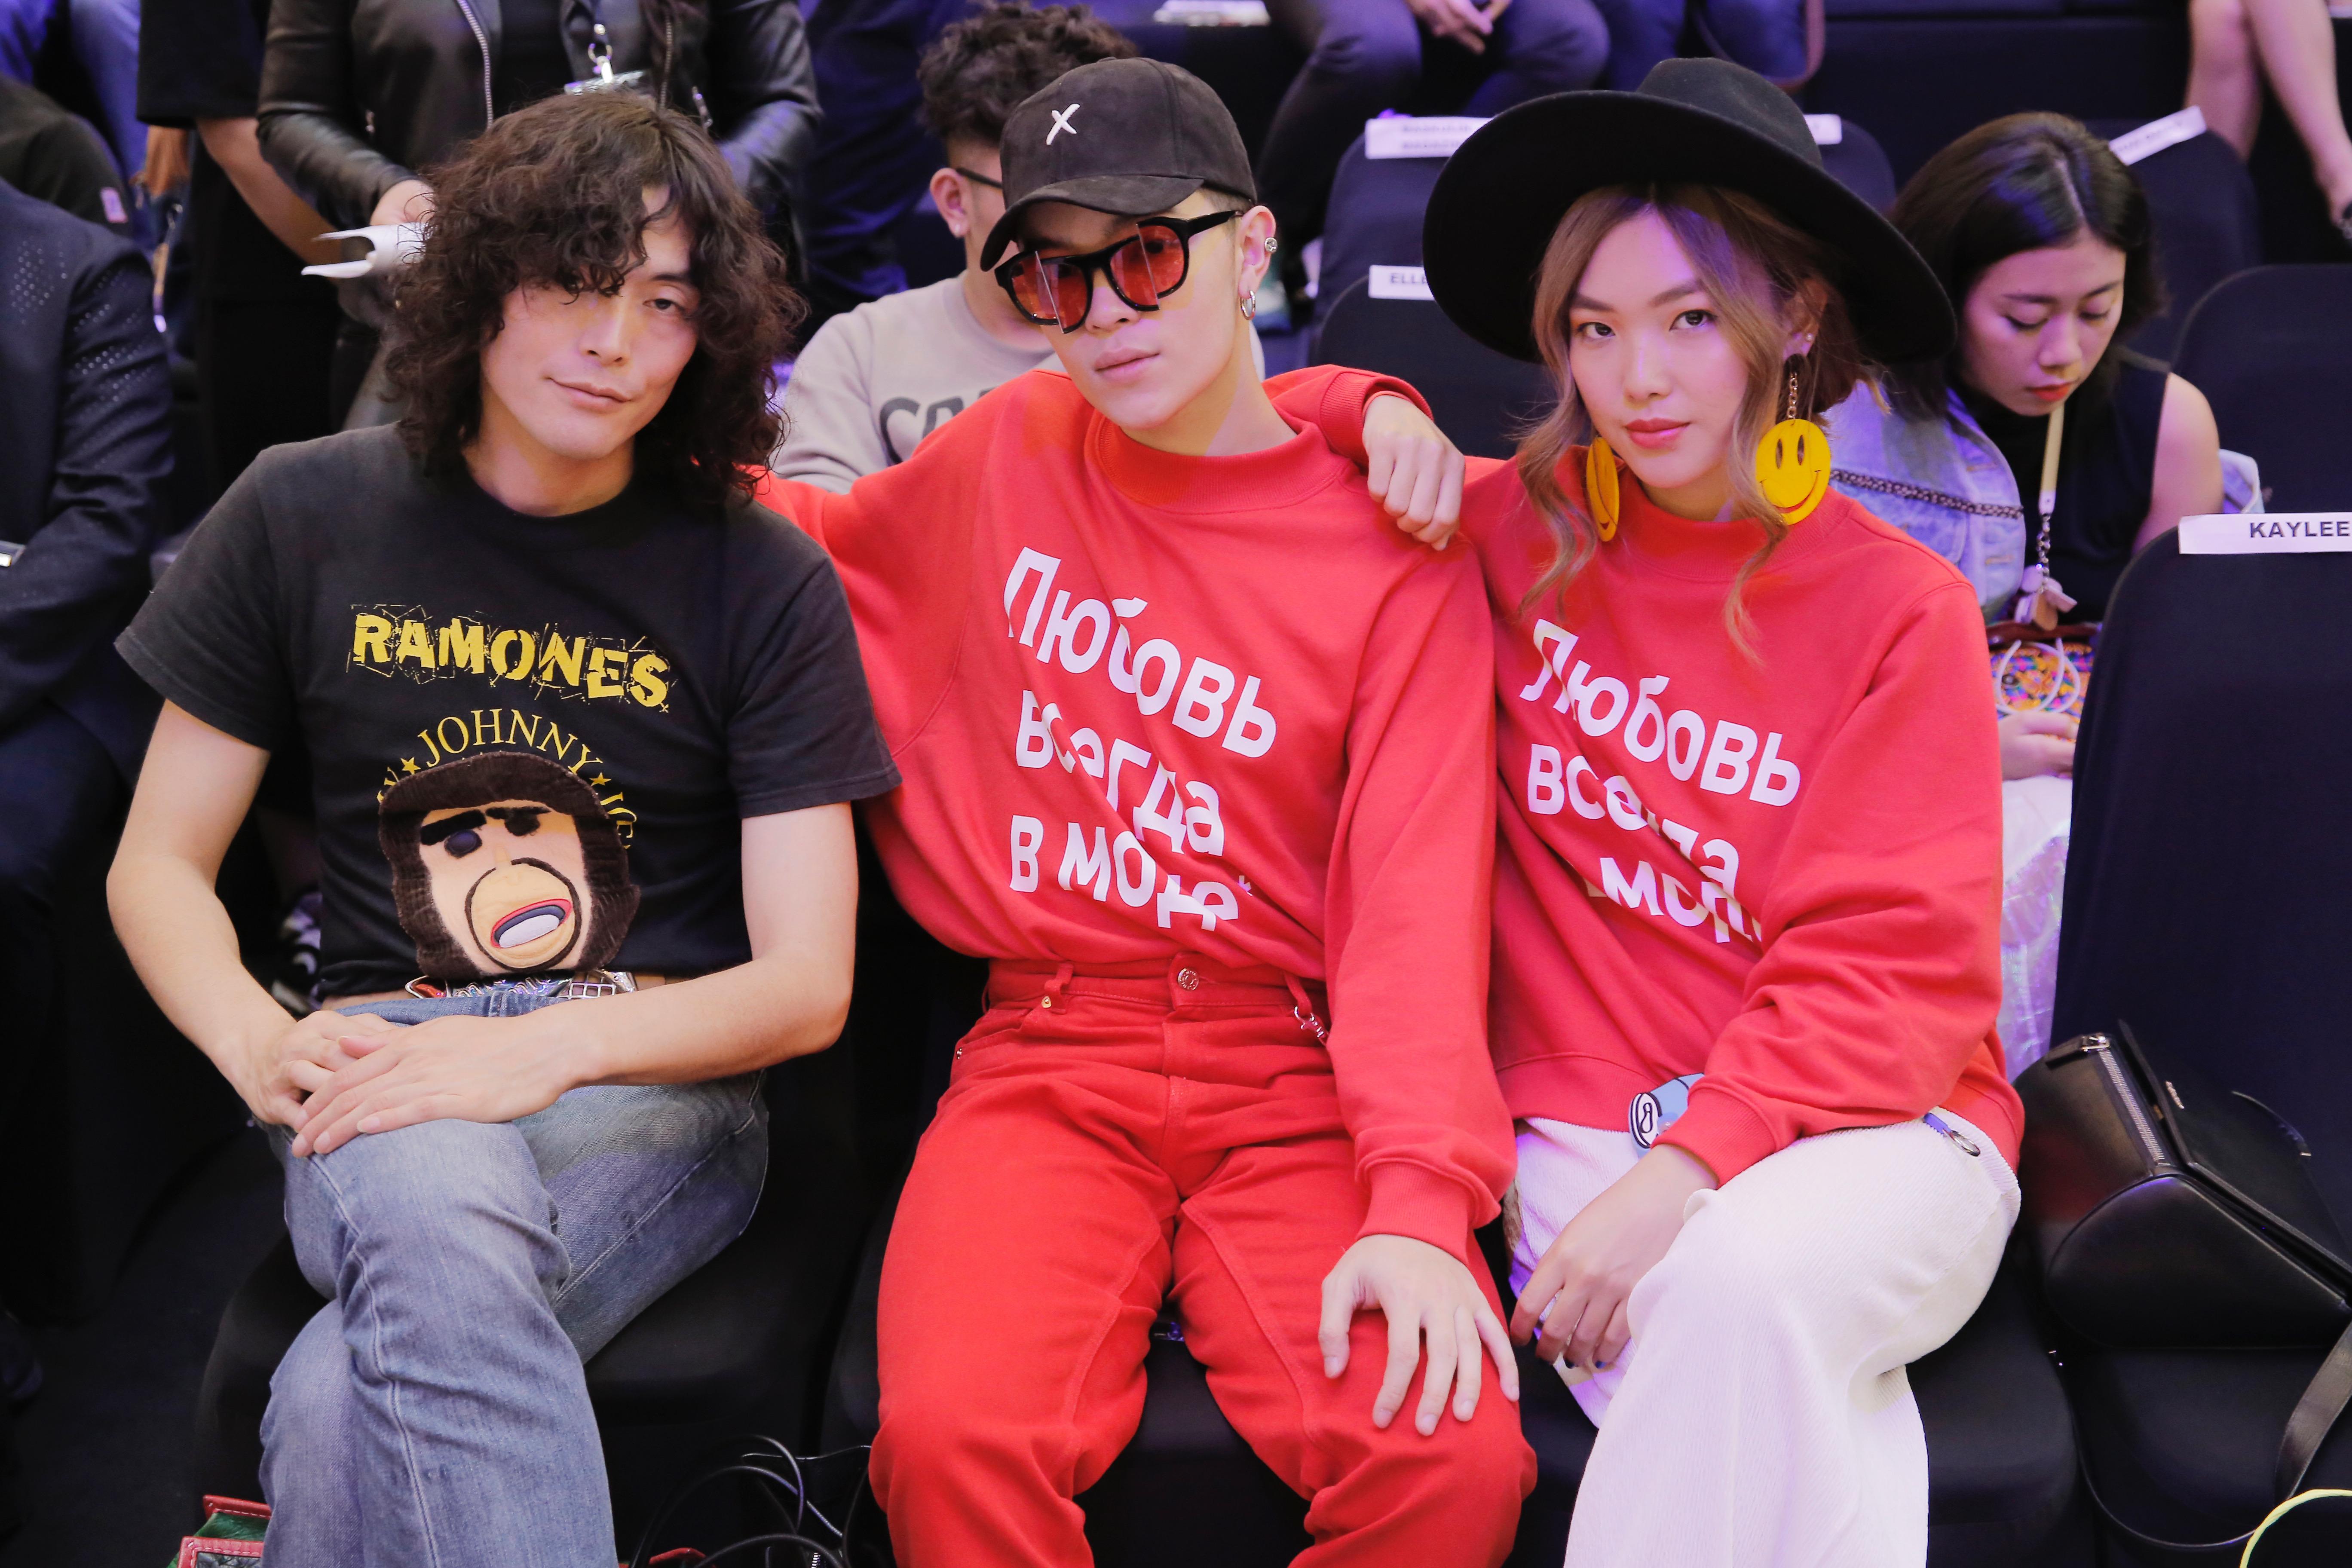 Lần đầu đến Malaysia dự fashion week, Kelbin Lei không ngờ giới trẻ ở đây biết rõ về mình - Ảnh 1.